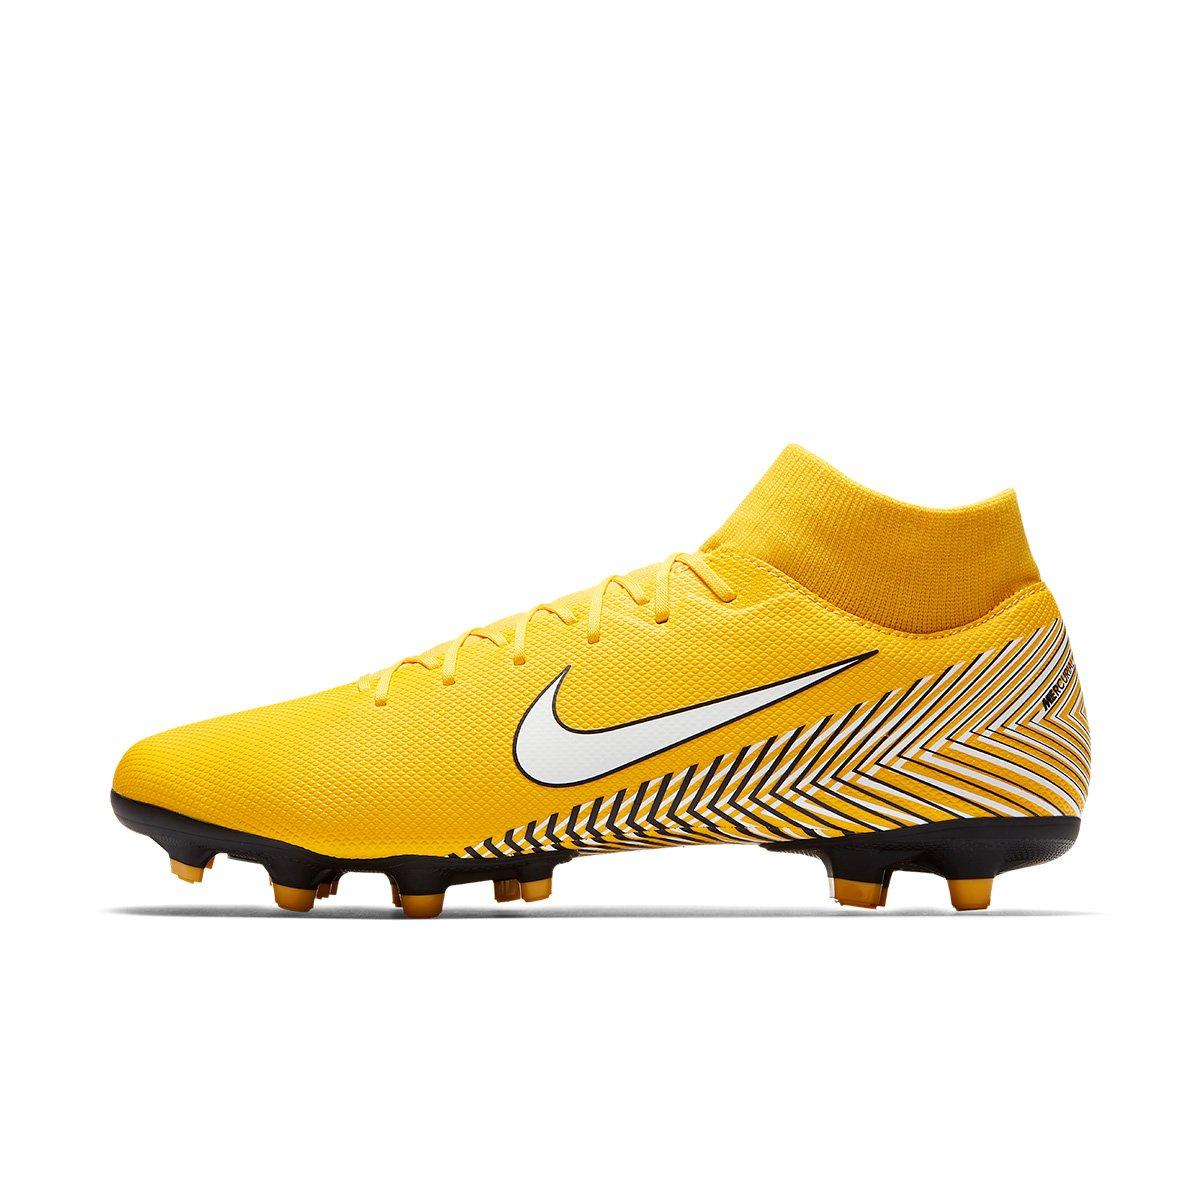 FG Amarelo Superfly Masculina Academy 6 e Campo Neymar Mercurial Nike Chuteira Preto 8qwzHng0H